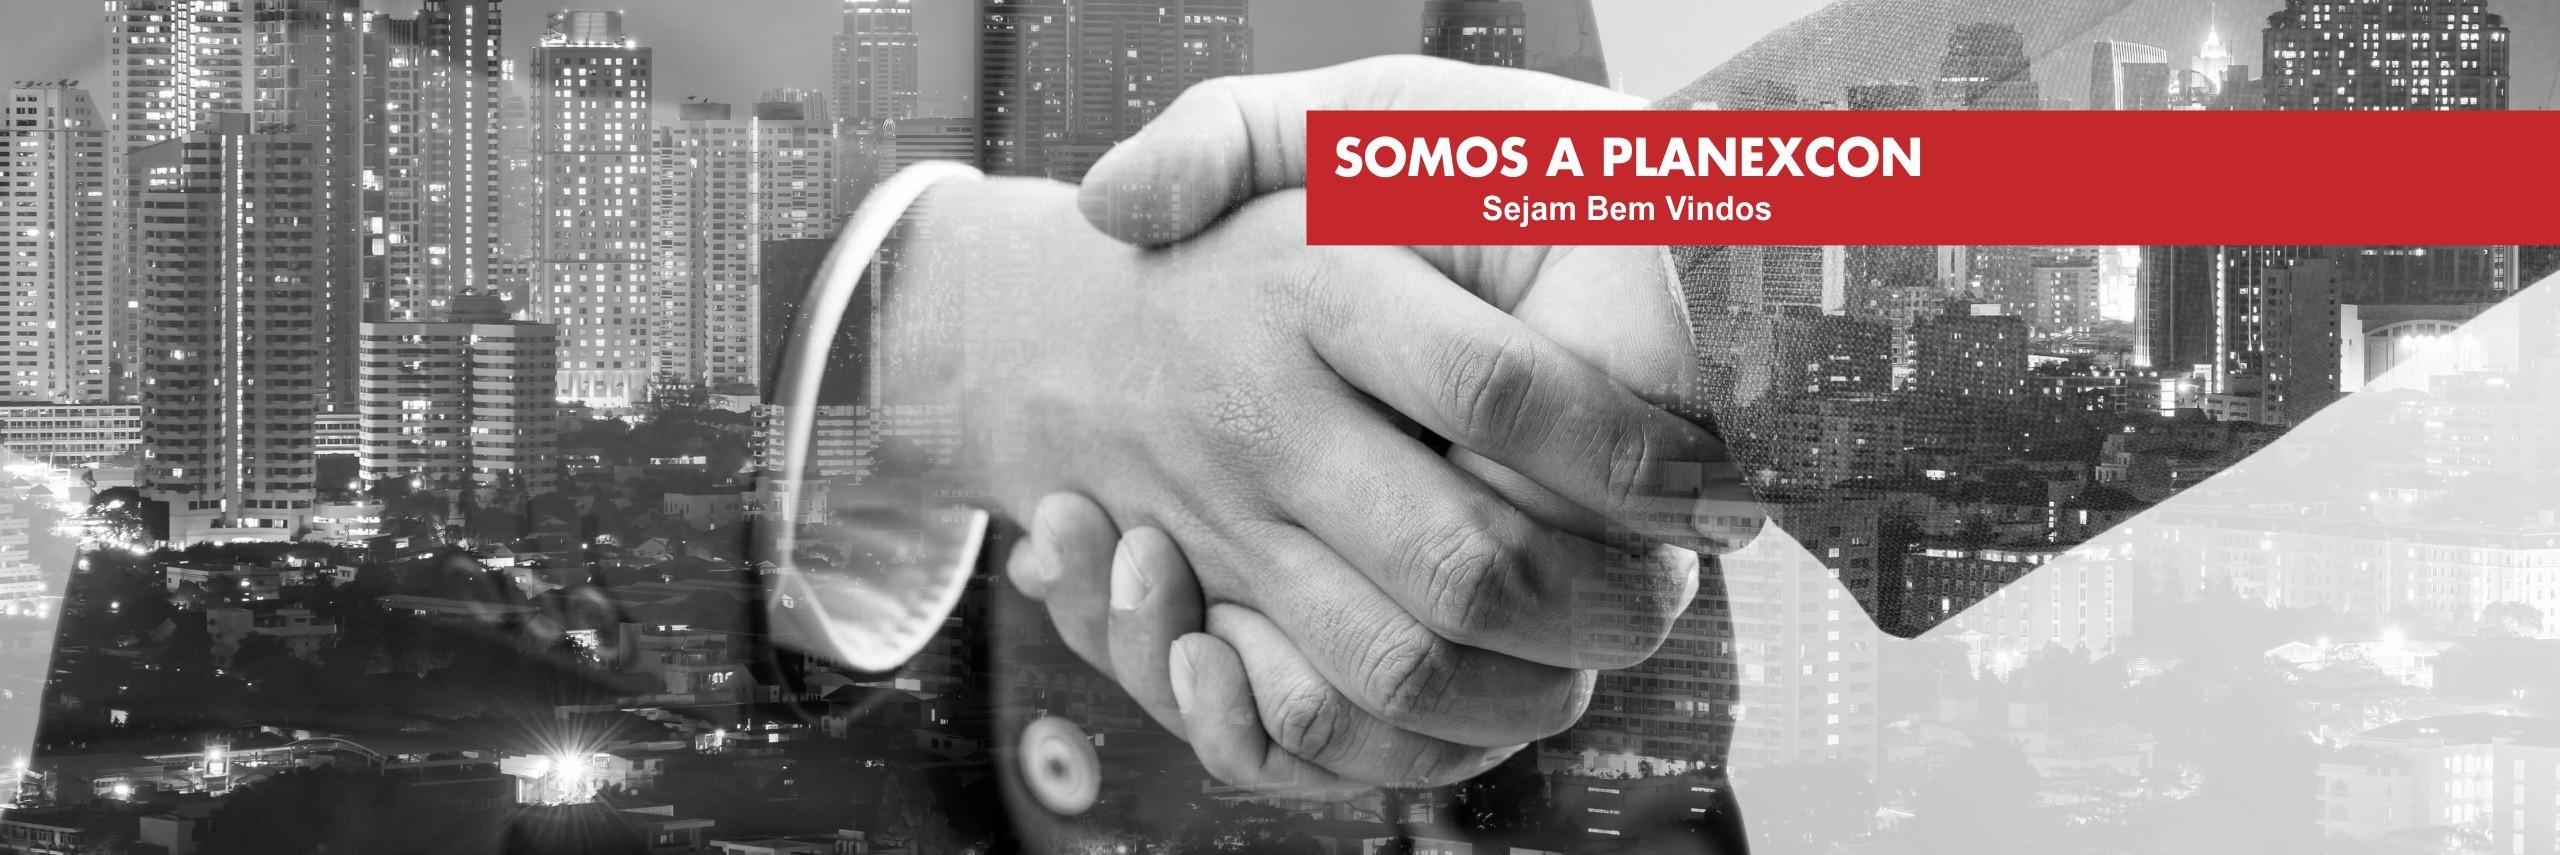 Somos a Planexcon